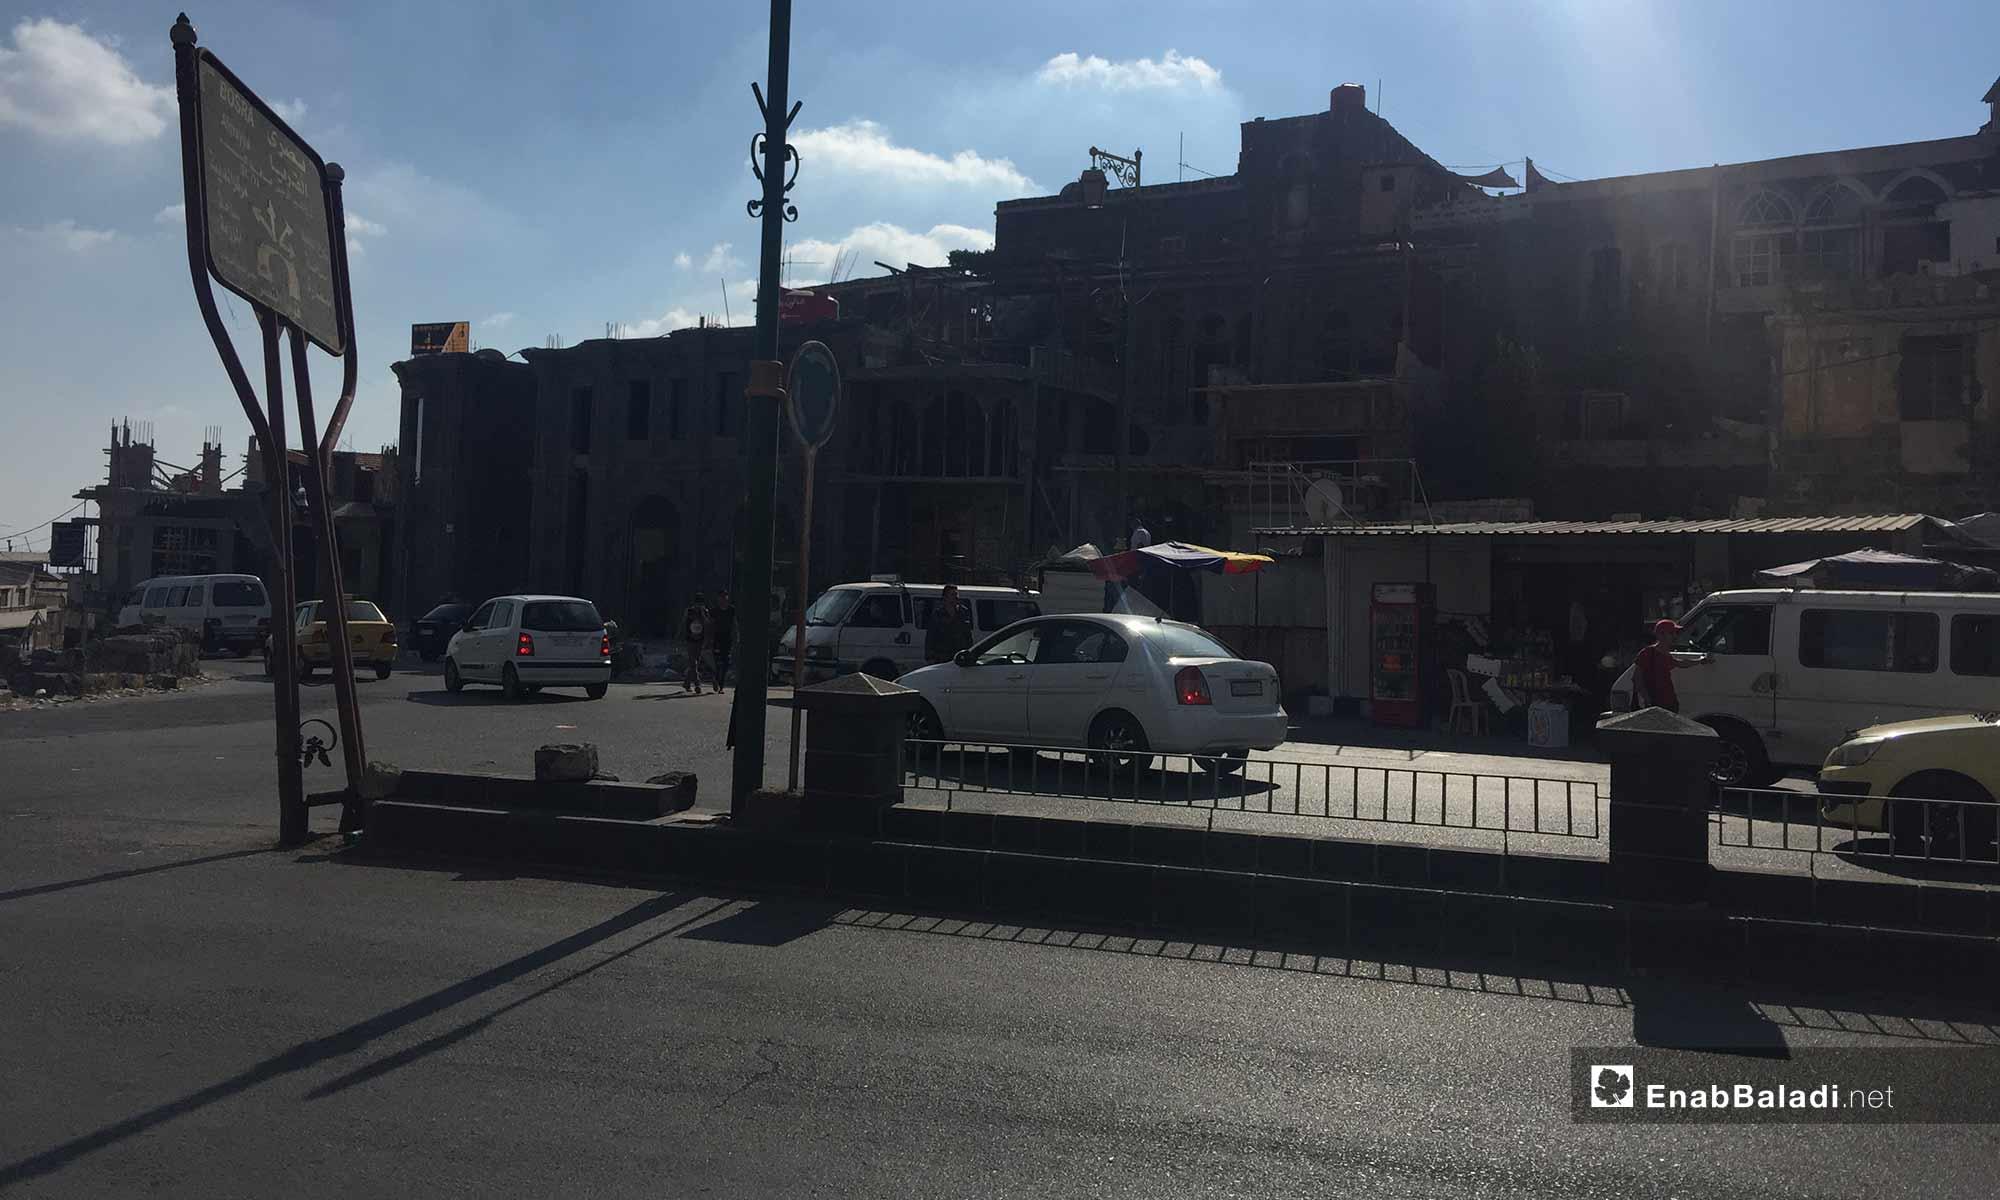 الشارع الواصل لدوار تشرين في مدينة السويداء - 17 من آب 2018 (عنب بلدي)